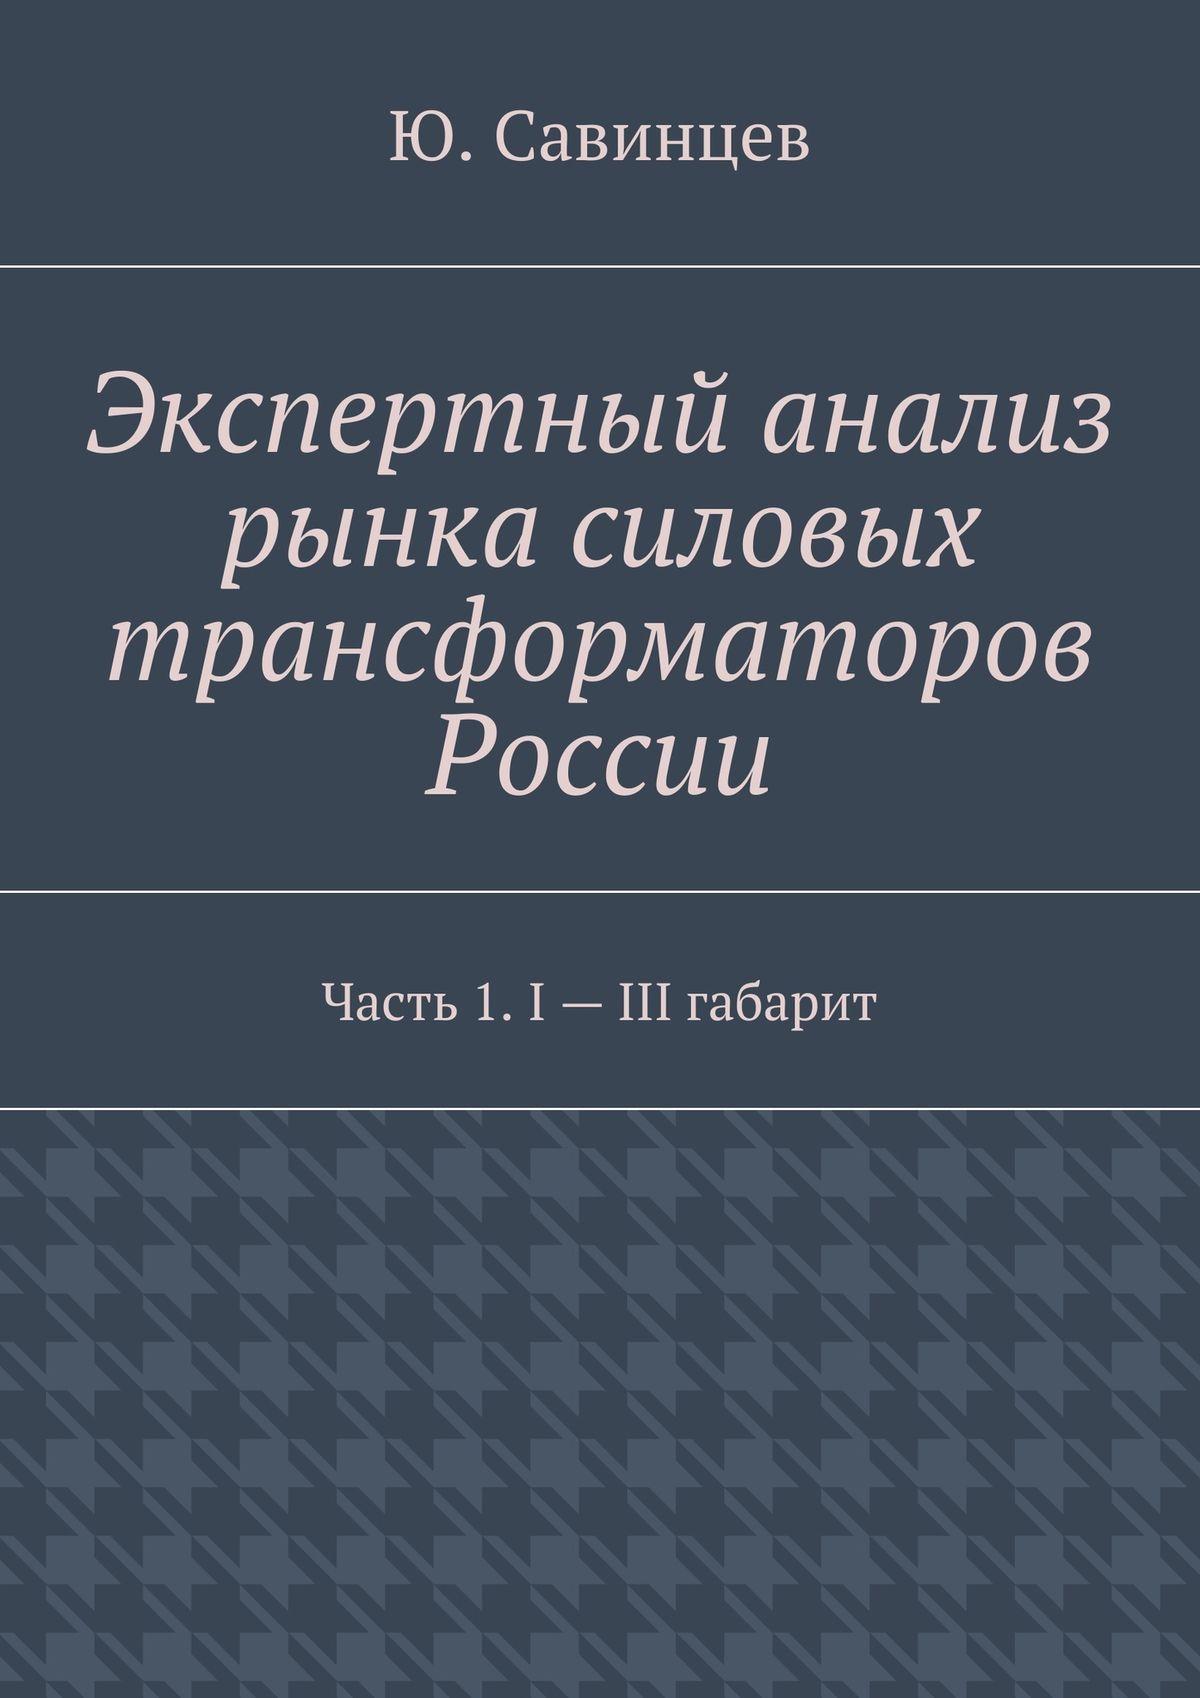 Экспертный анализ рынка силовых трансформаторов России. Часть 1. I– III габарит